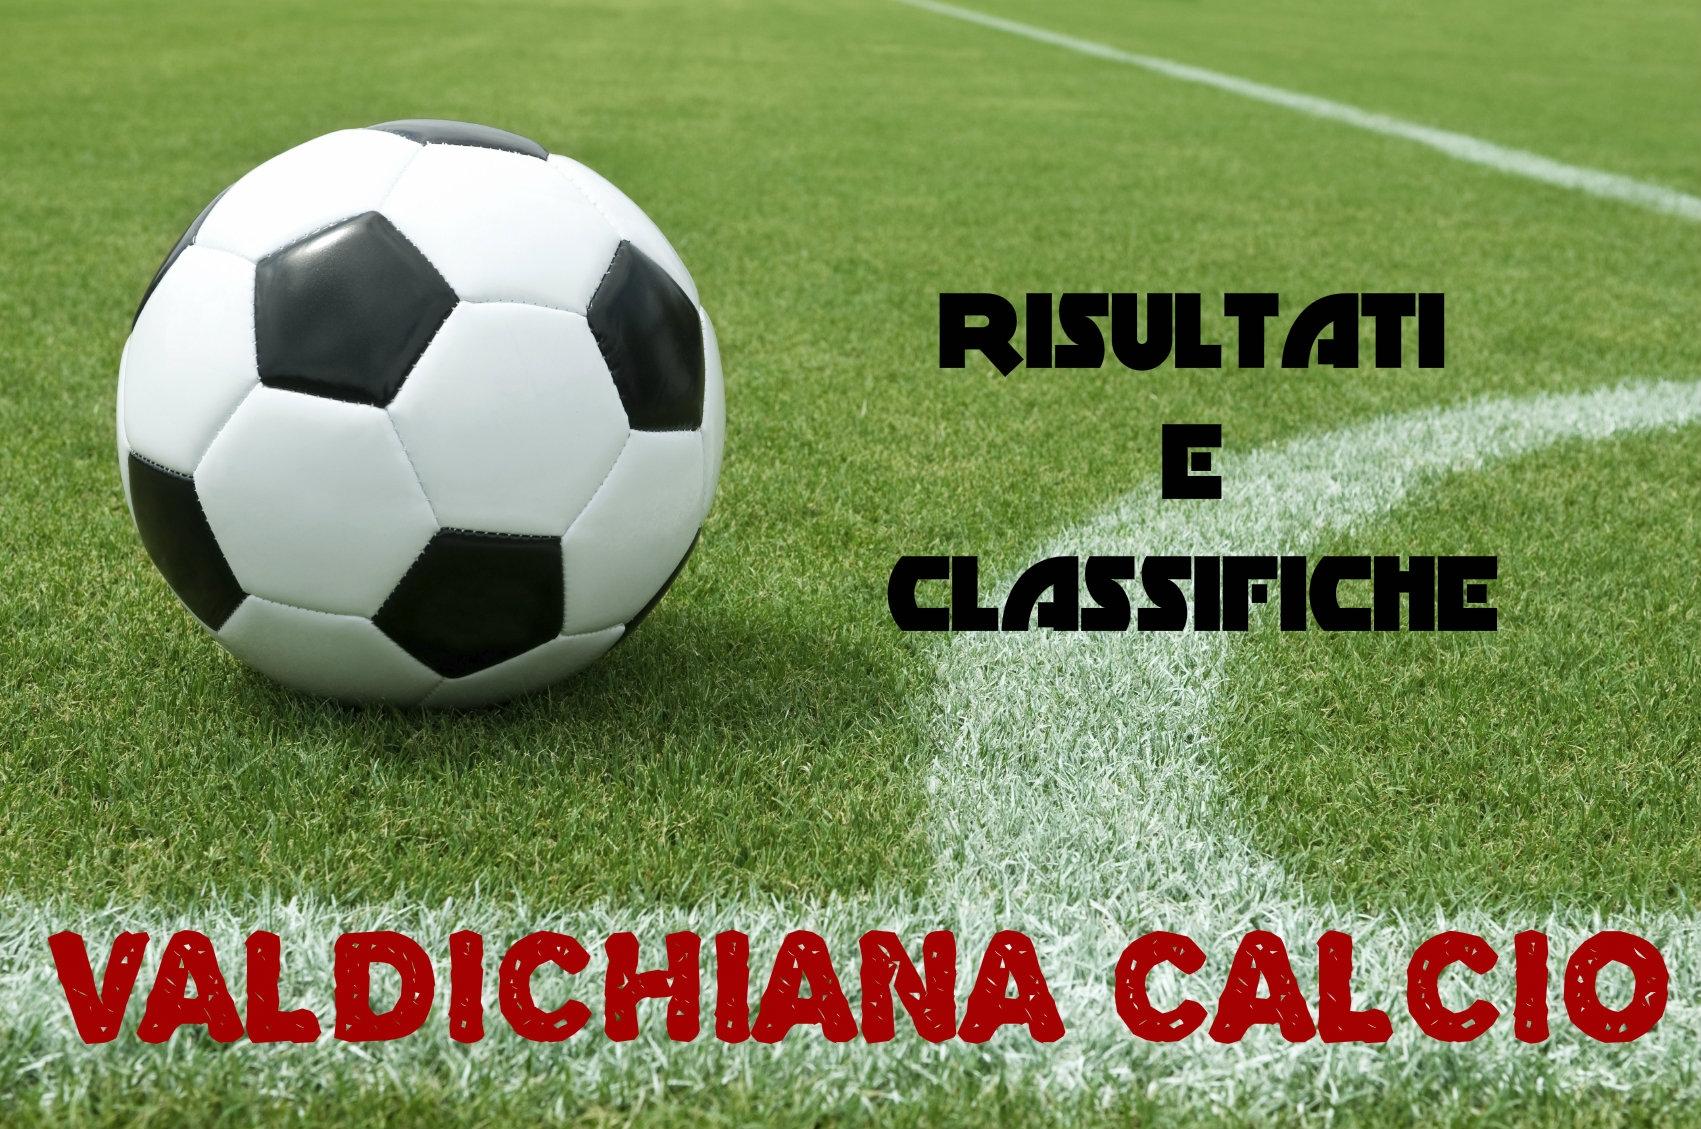 Calcio: risultati e classifiche dall'Eccellenza alla Seconda Categoria